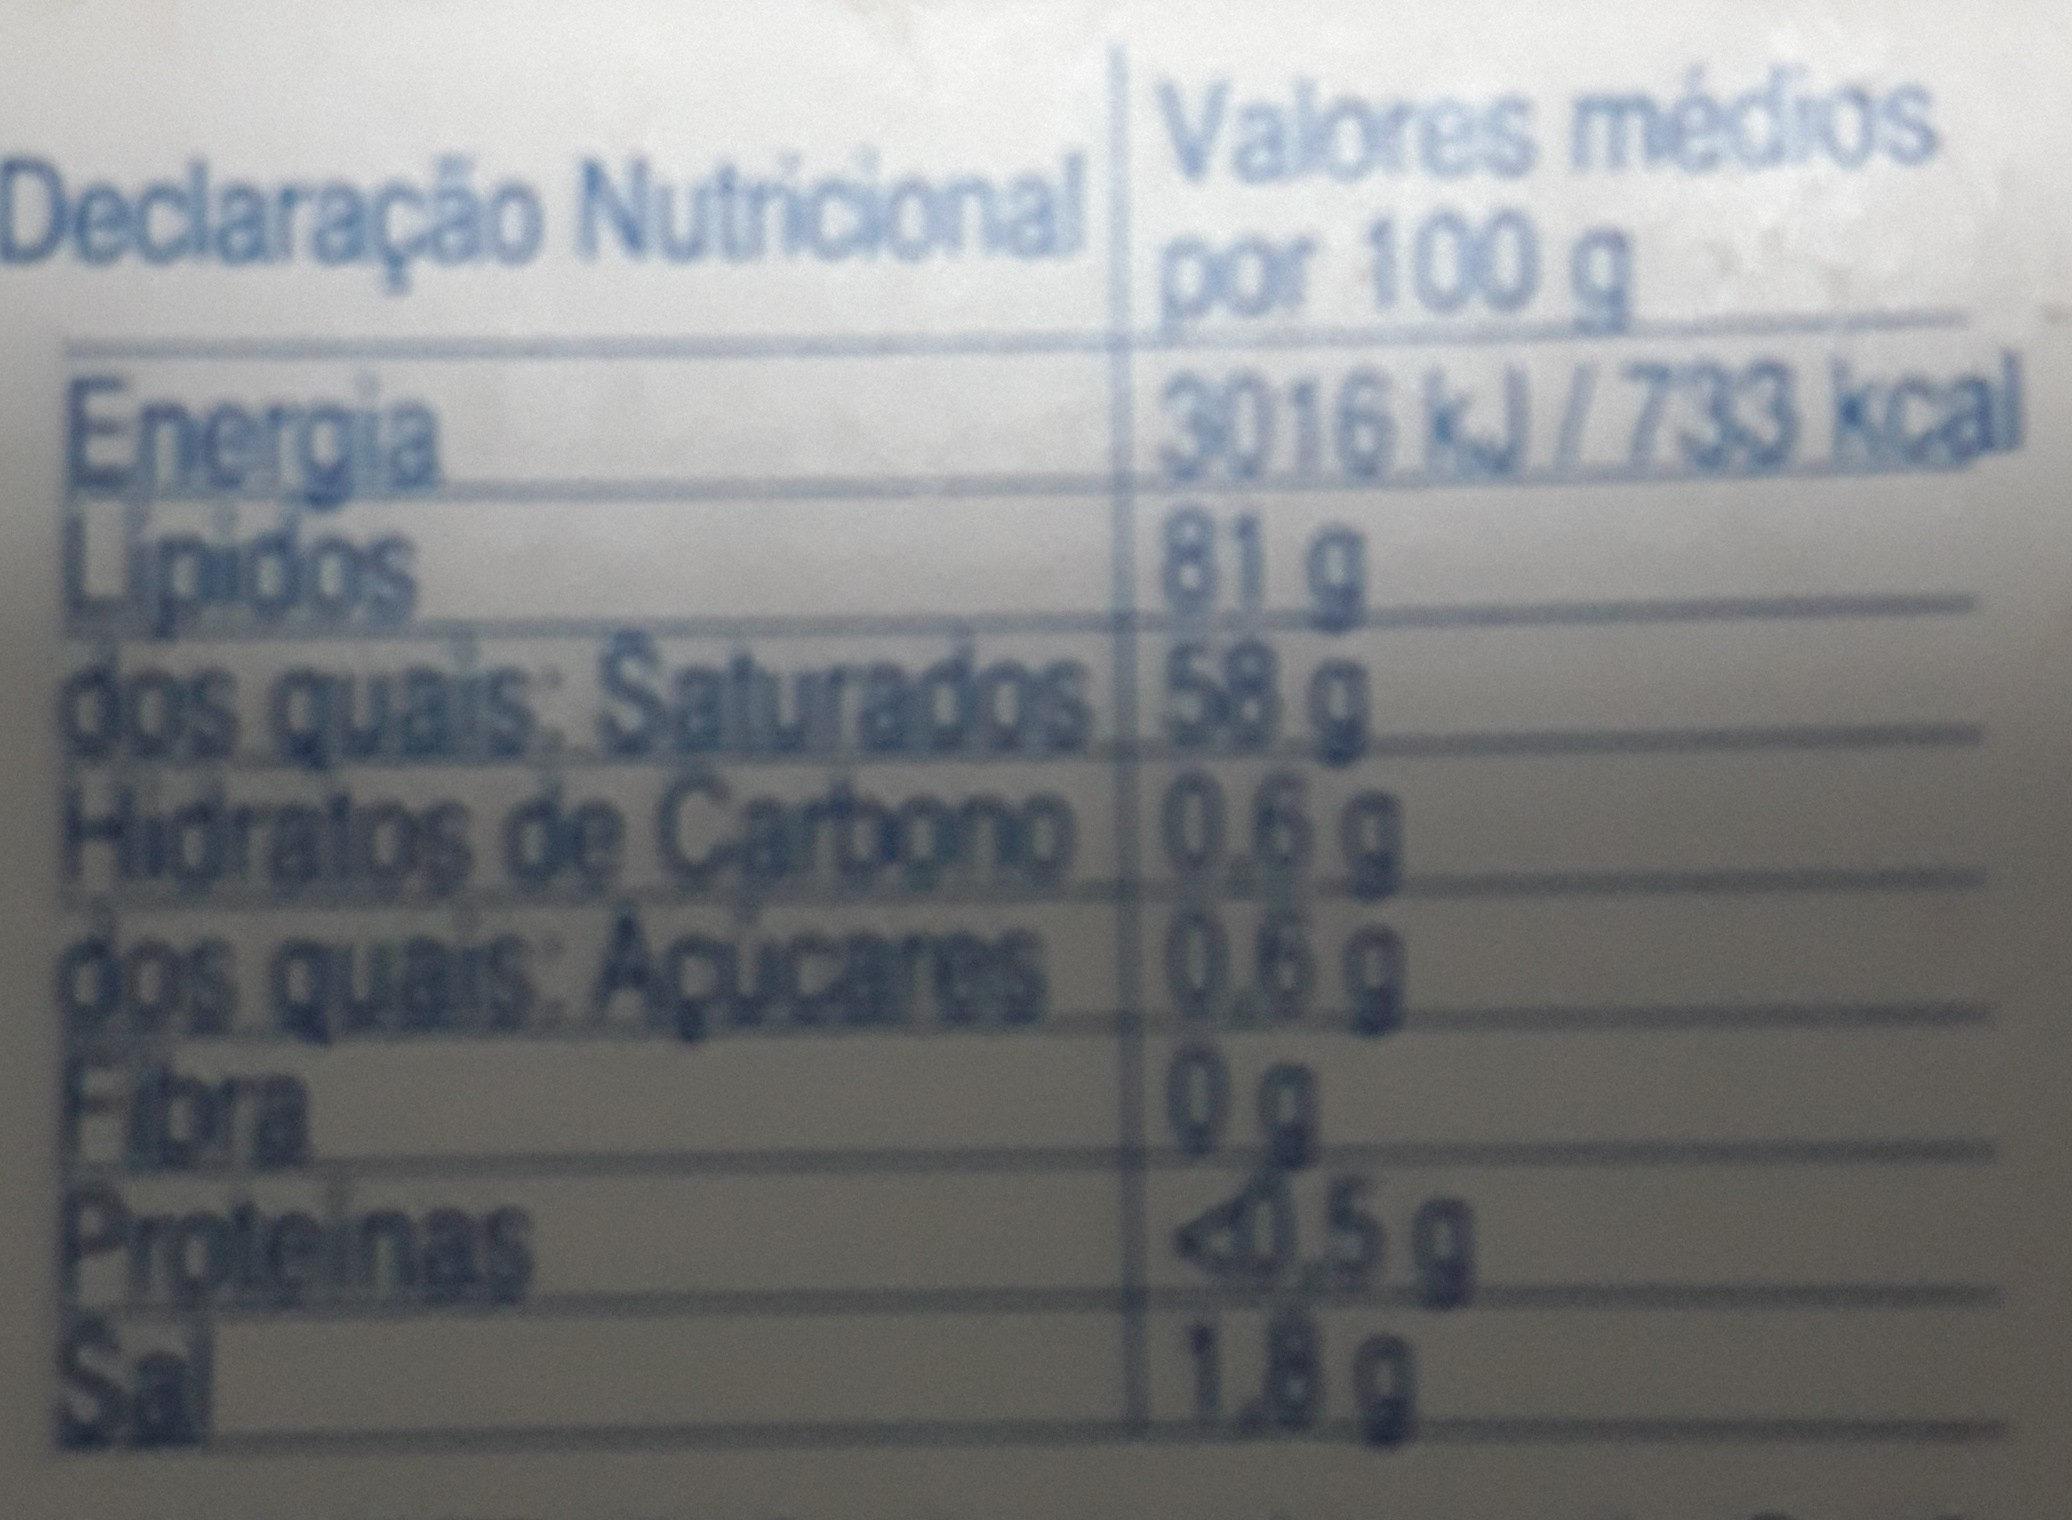 Manteiga - Voedingswaarden